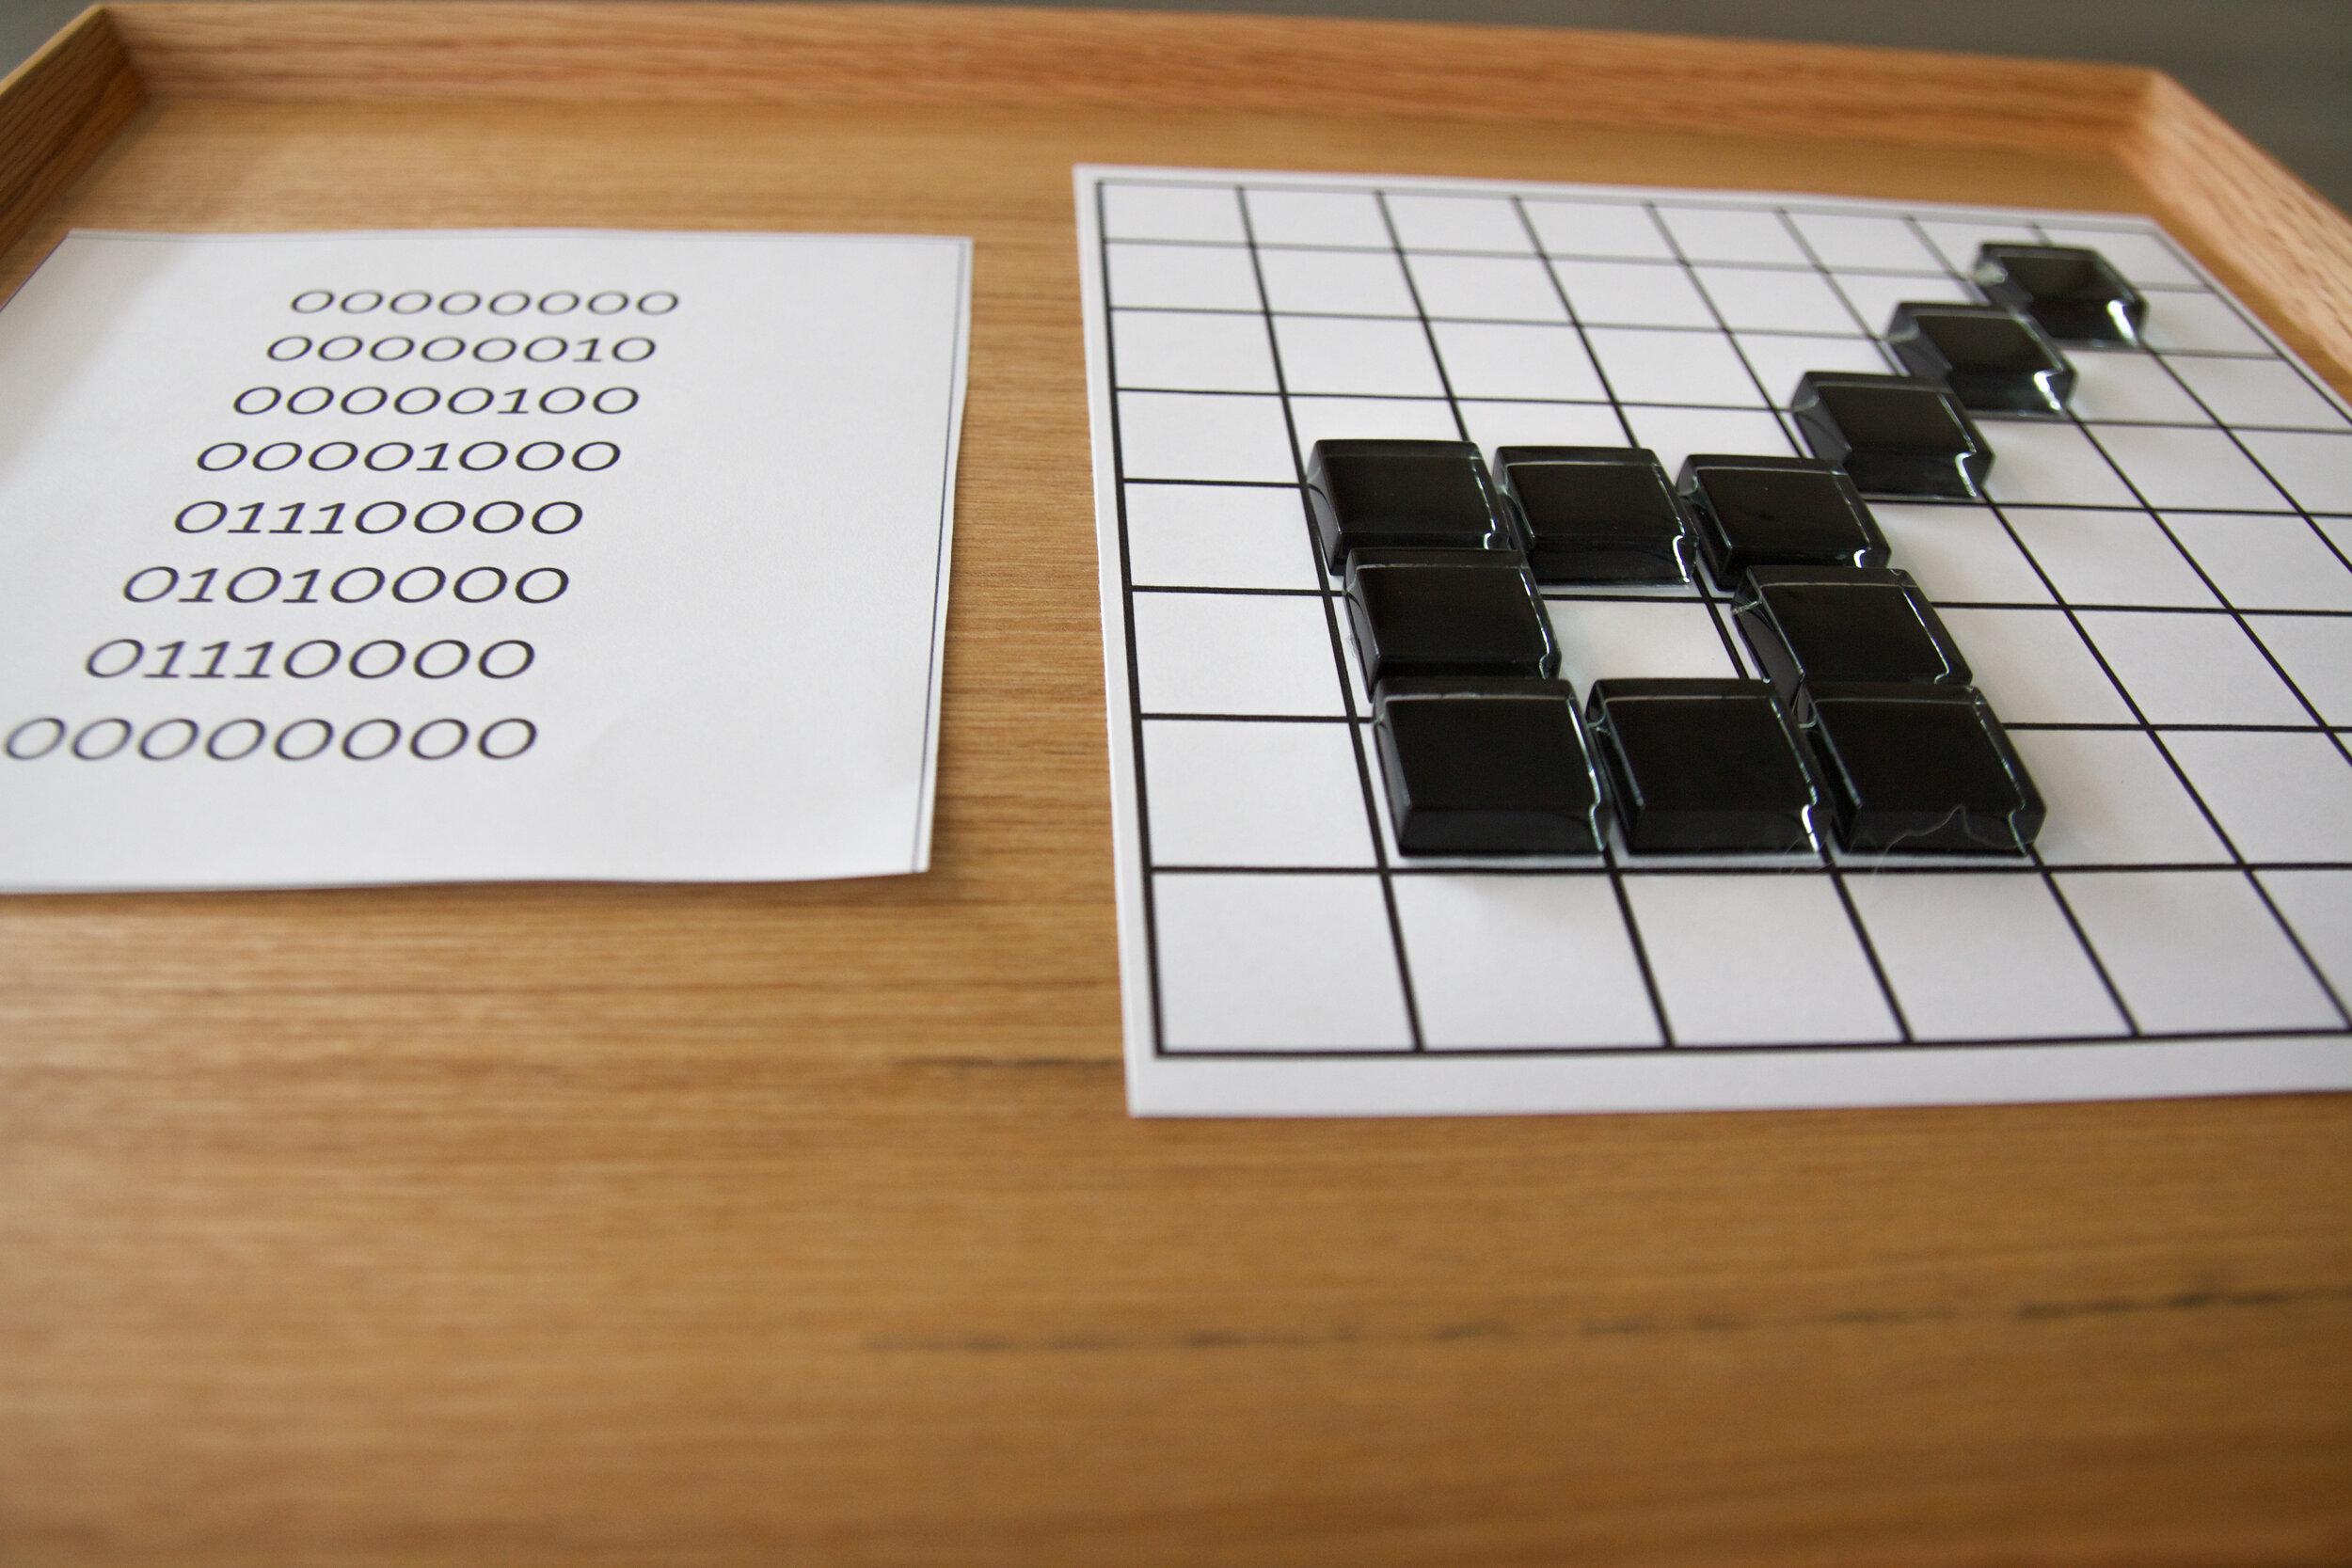 Grilles et mosaïques noires aident les enfants à découvrir le langage binaire.